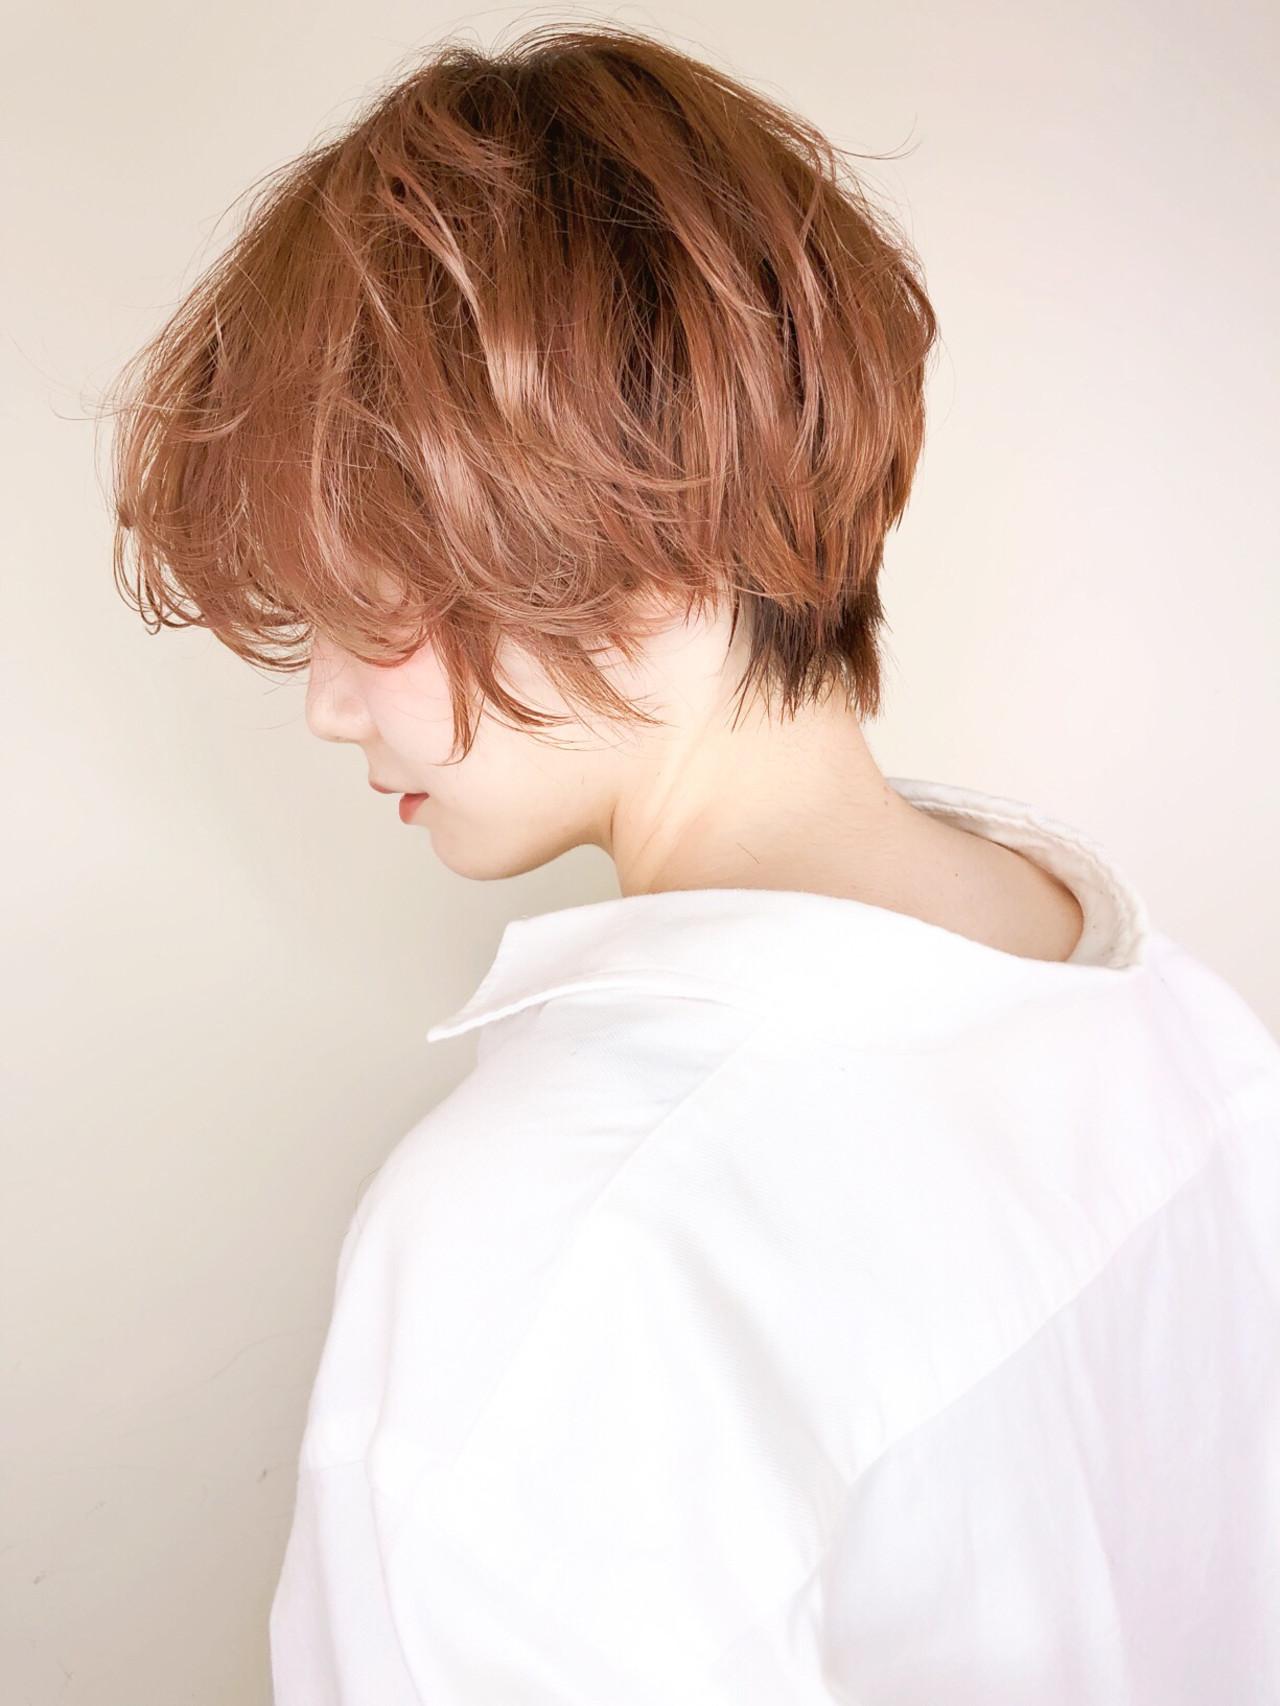 ナチュラル アウトドア ヘアアレンジ 簡単ヘアアレンジ ヘアスタイルや髪型の写真・画像